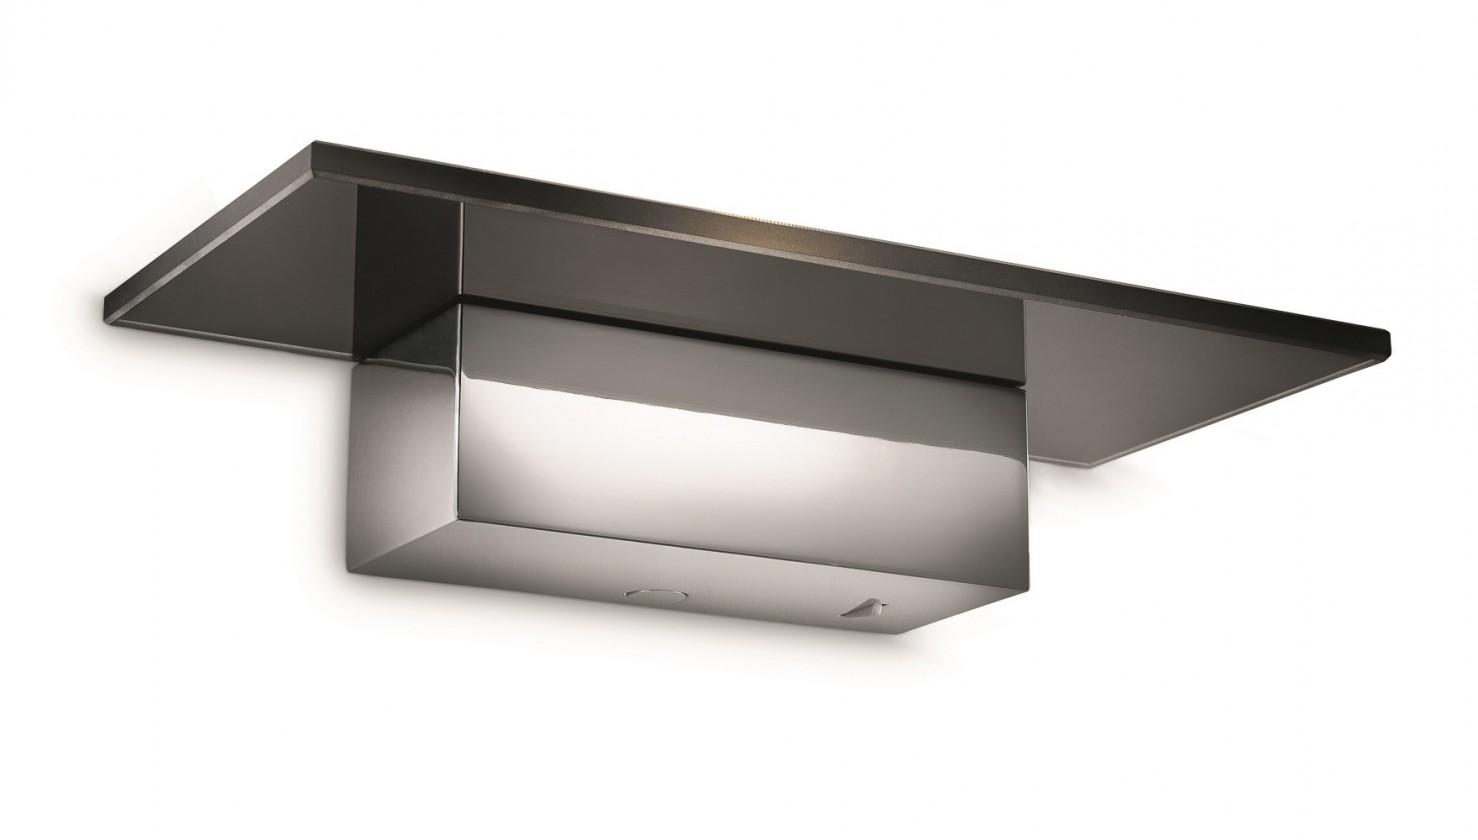 Palermo - Nástěnné osvětlení LED, 27cm (lesklý chrom)